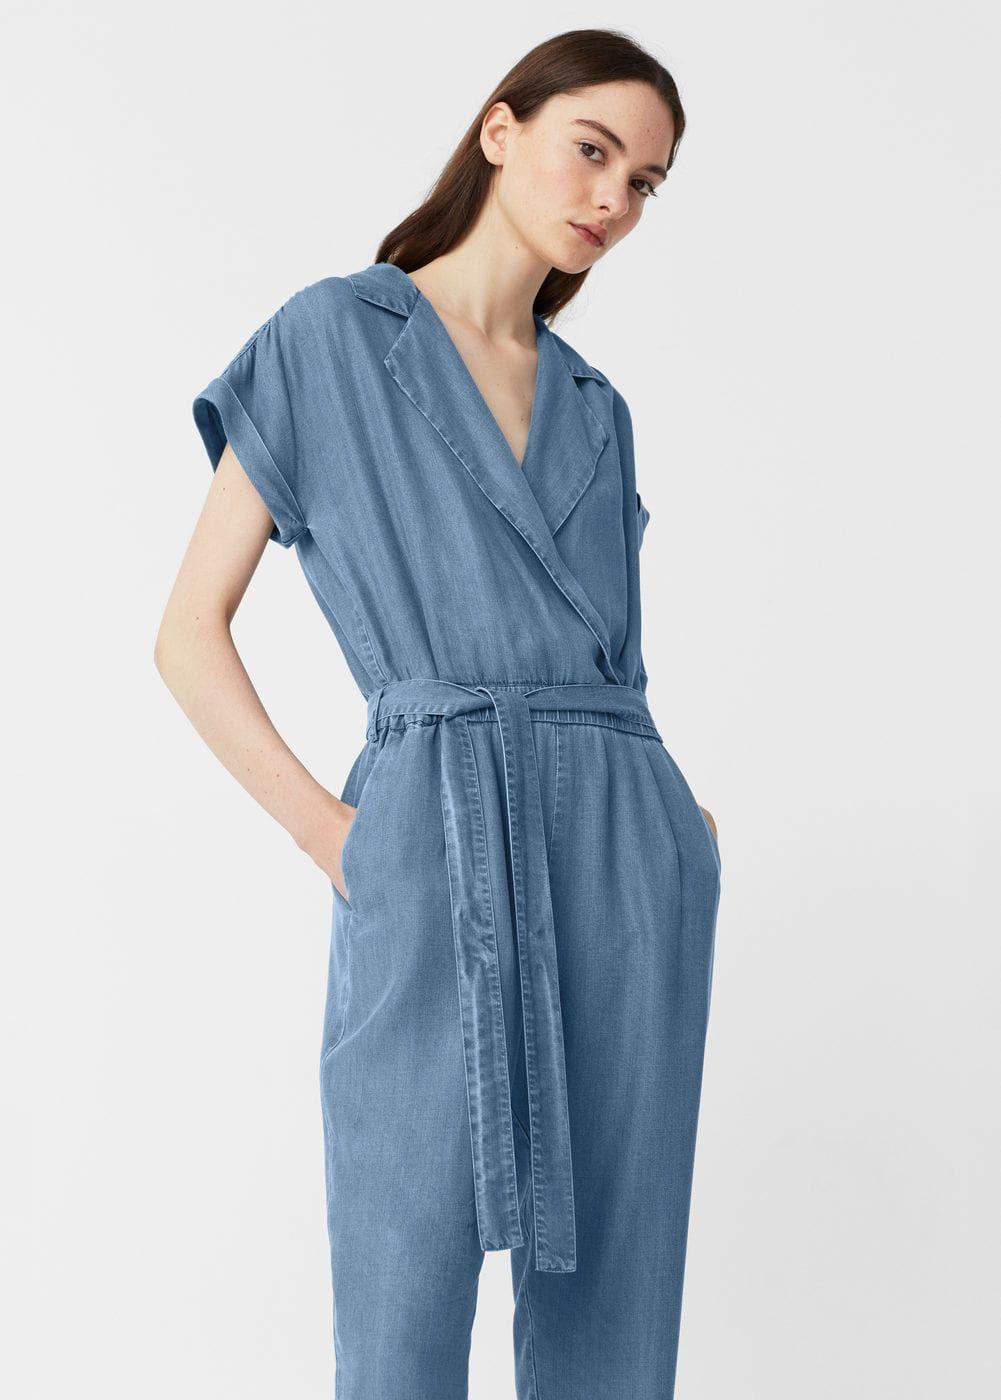 8caca1d468a1a Combinaison denim moyen - Femme   mode   Pinterest   Fibre, Mango ...